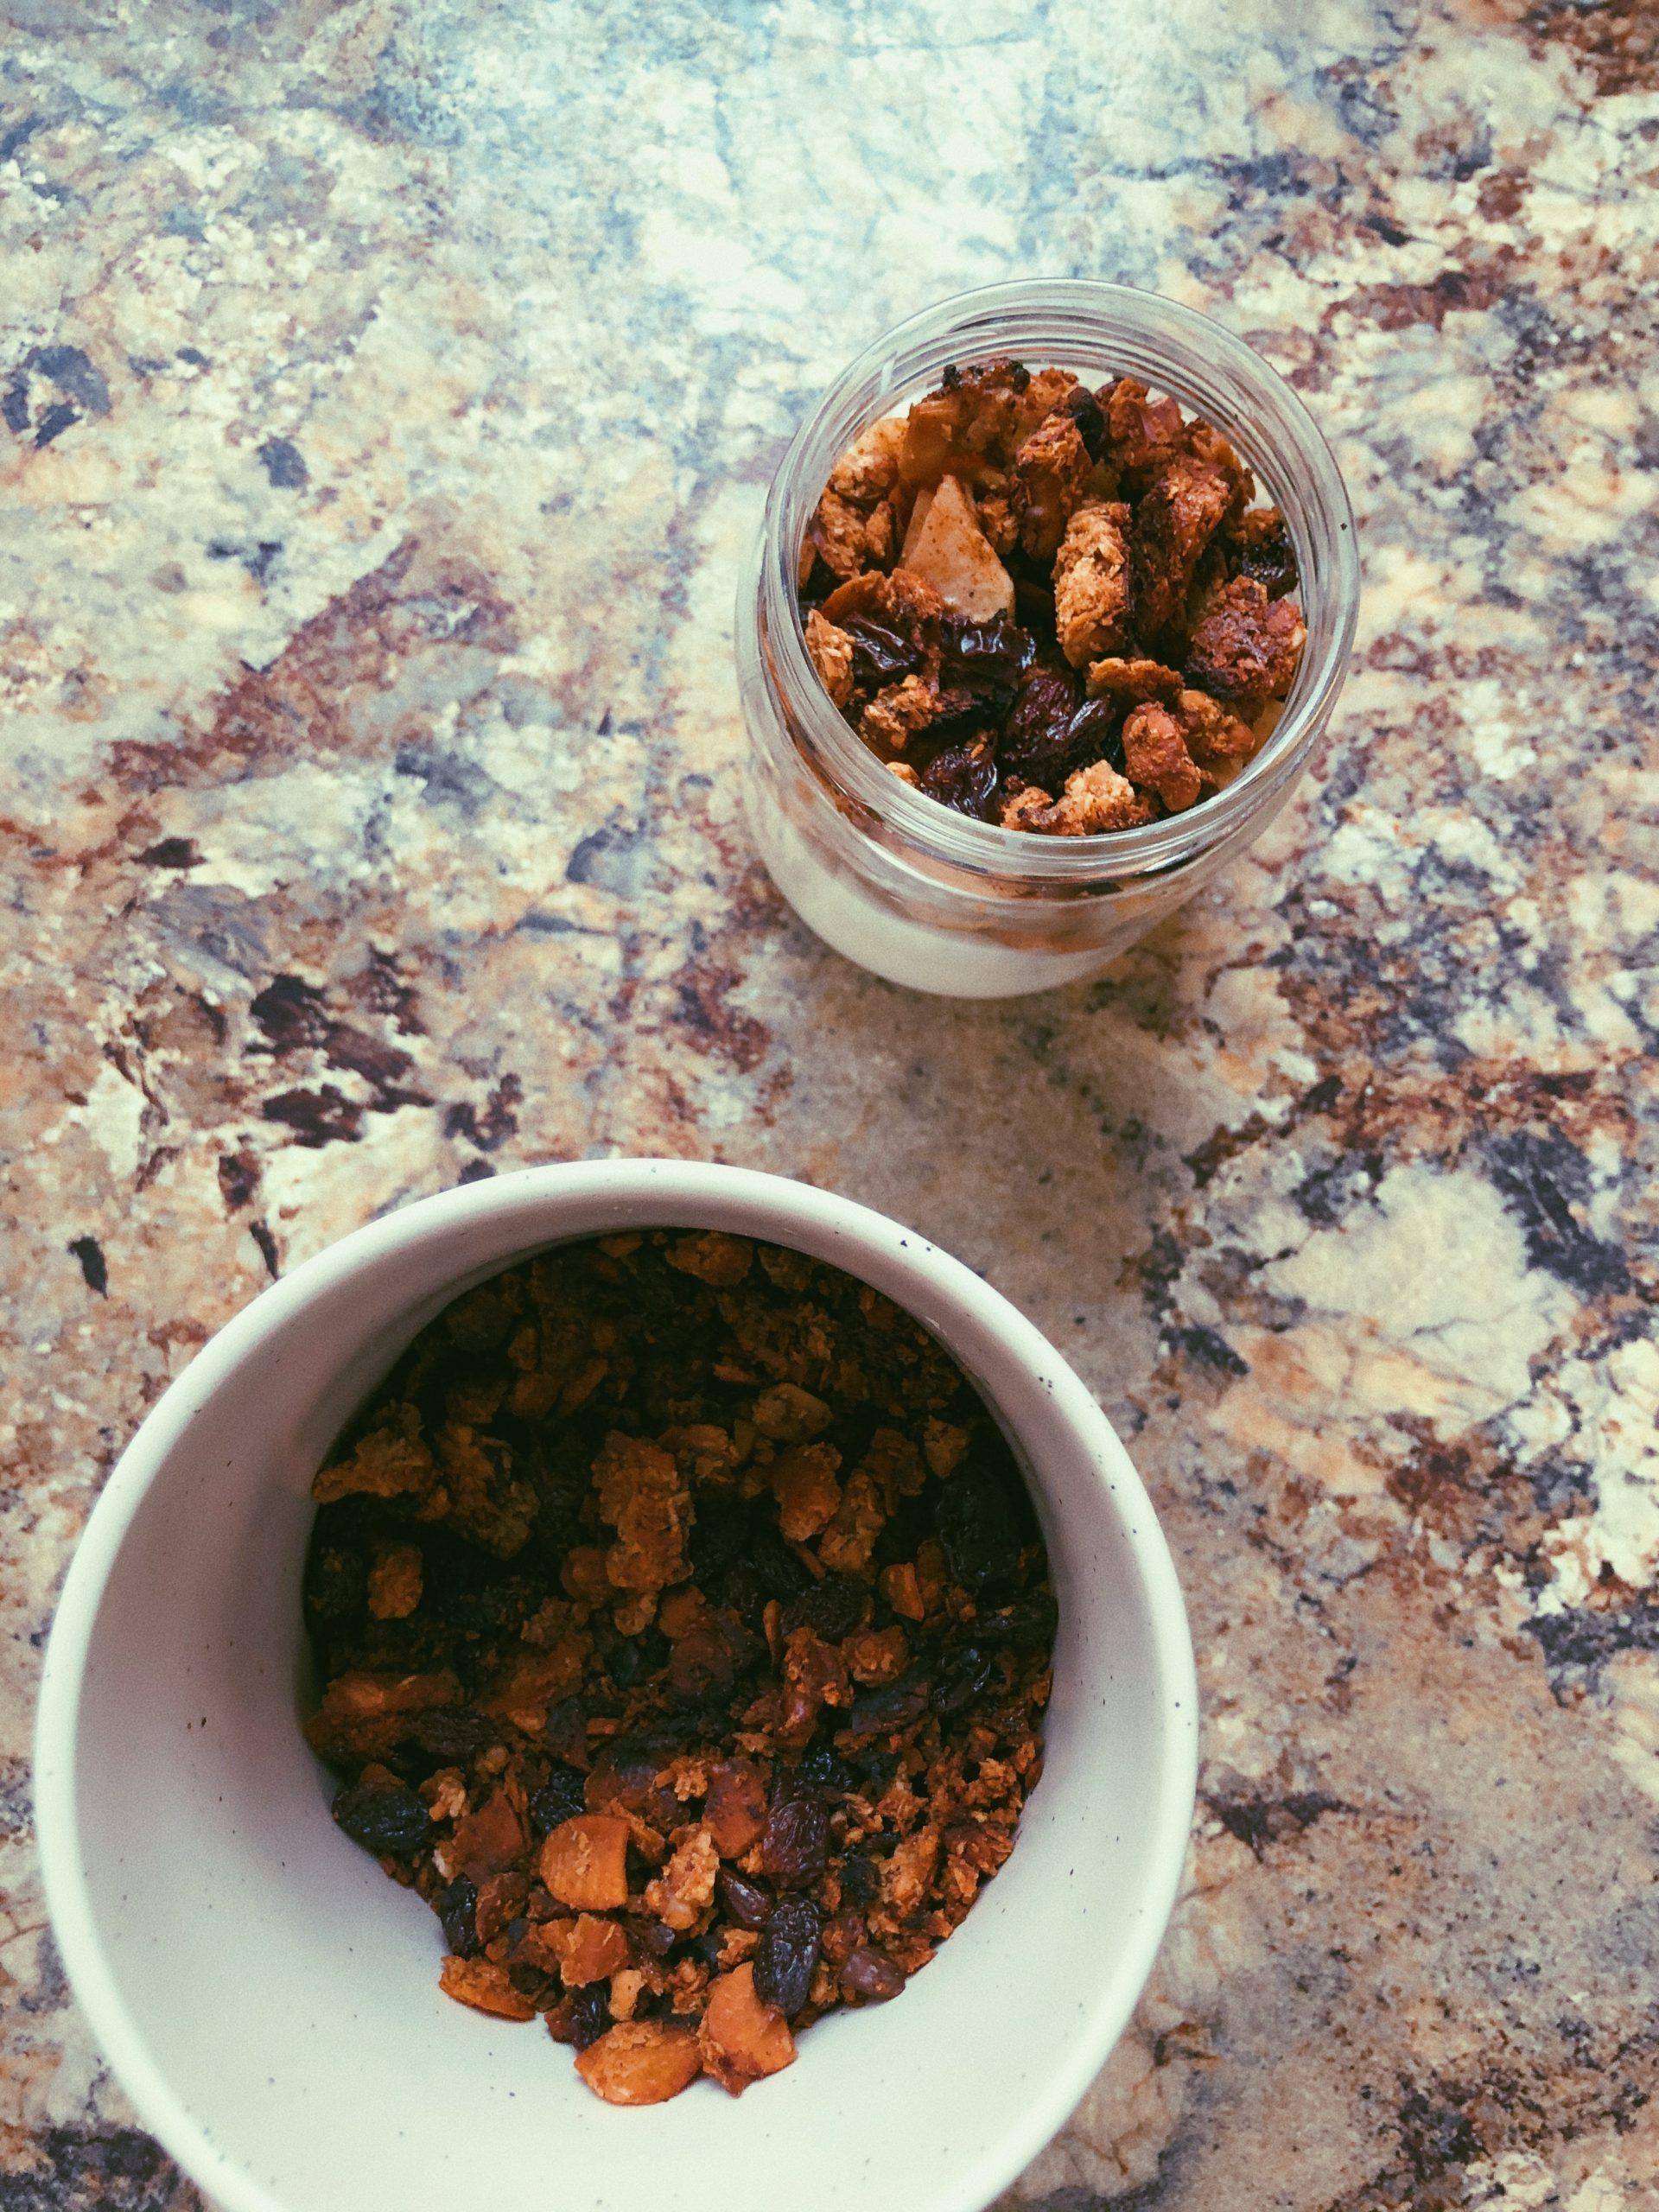 grain free, gluten free, scd legal granola